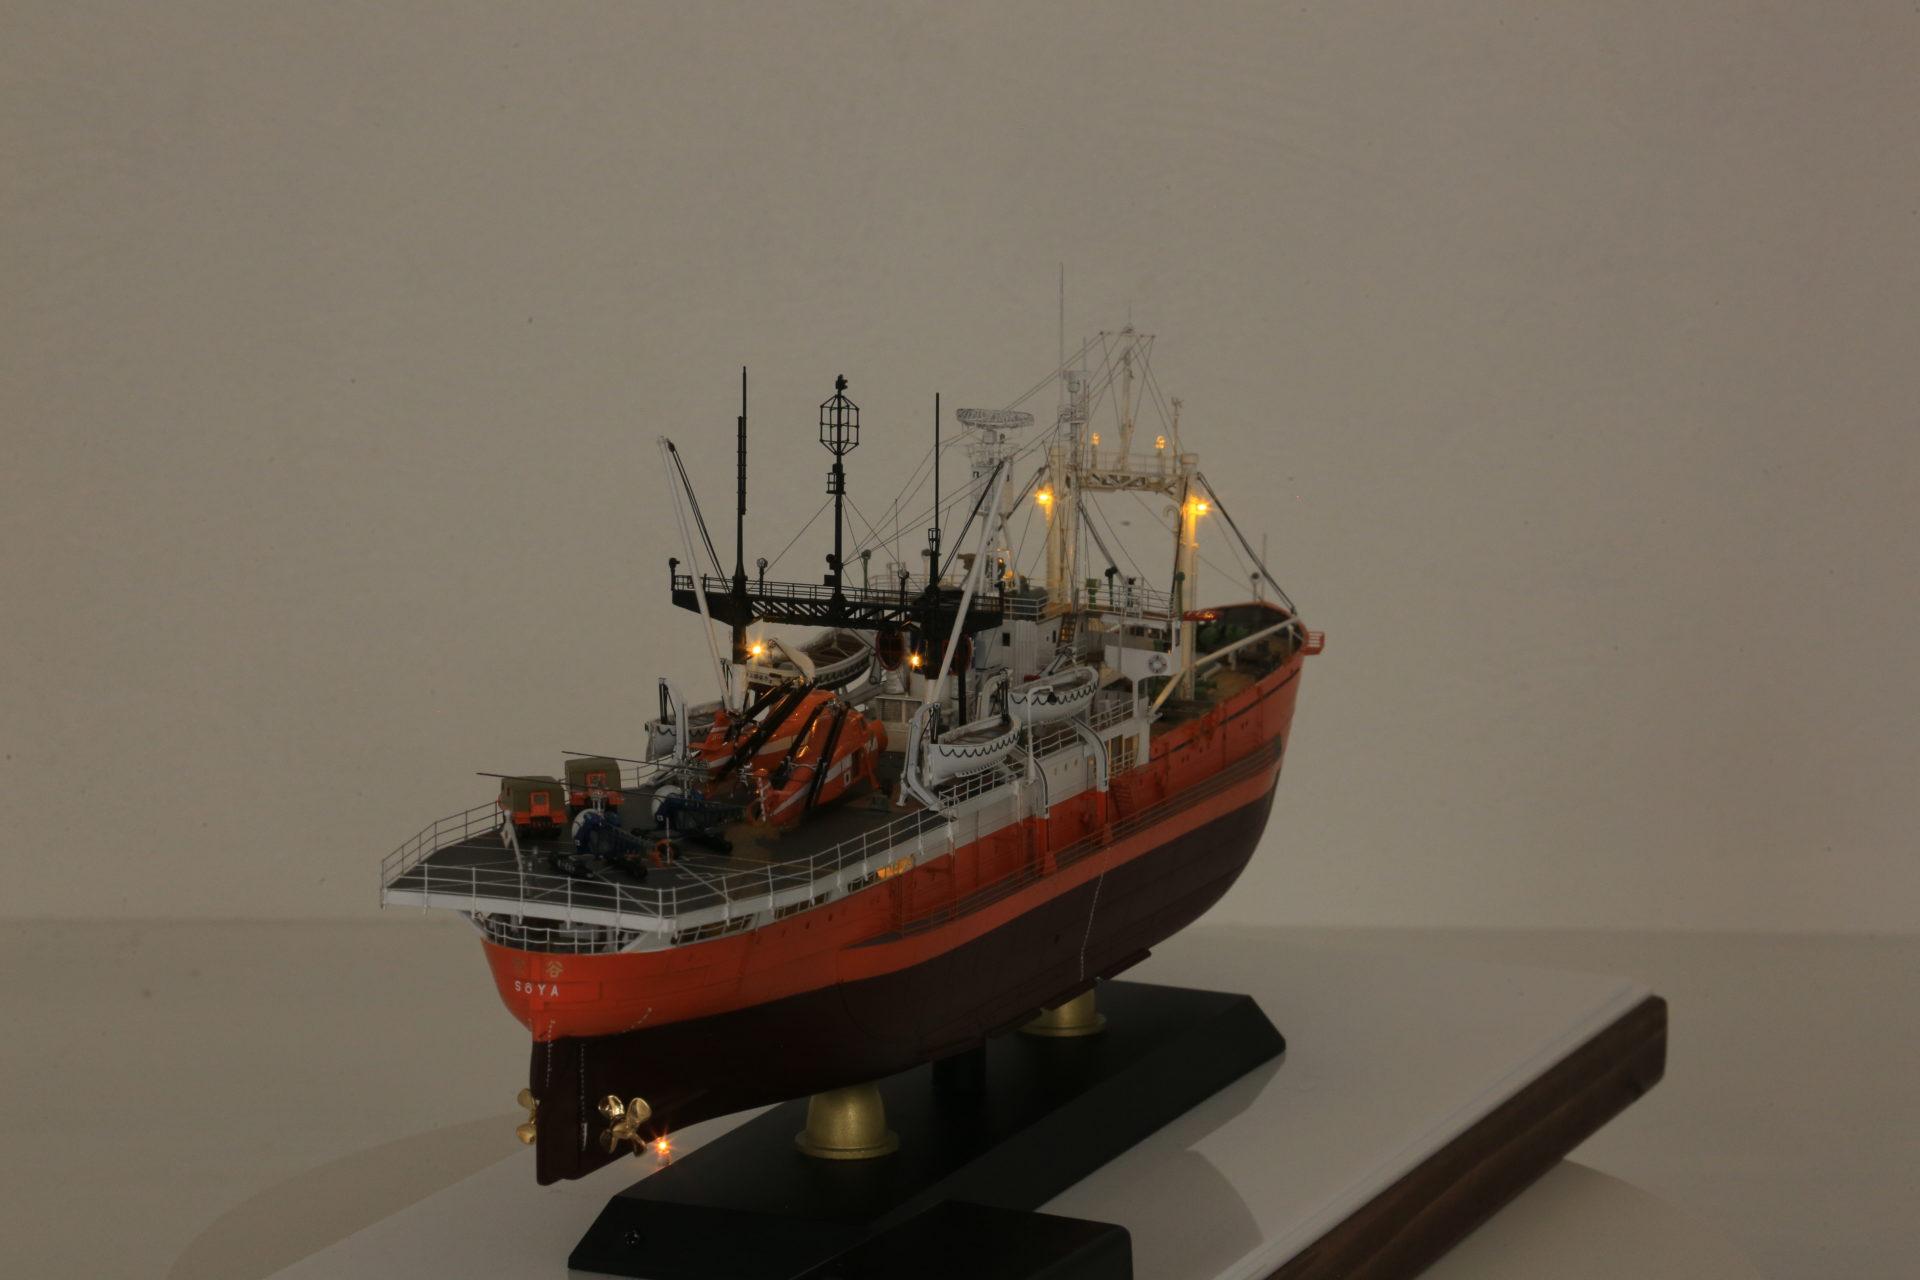 1/250 南極観測船 第三次南極観測隊 宗谷 SOYA  ポントスモデル きたむらよしたか よしくんのクルクルマーケット